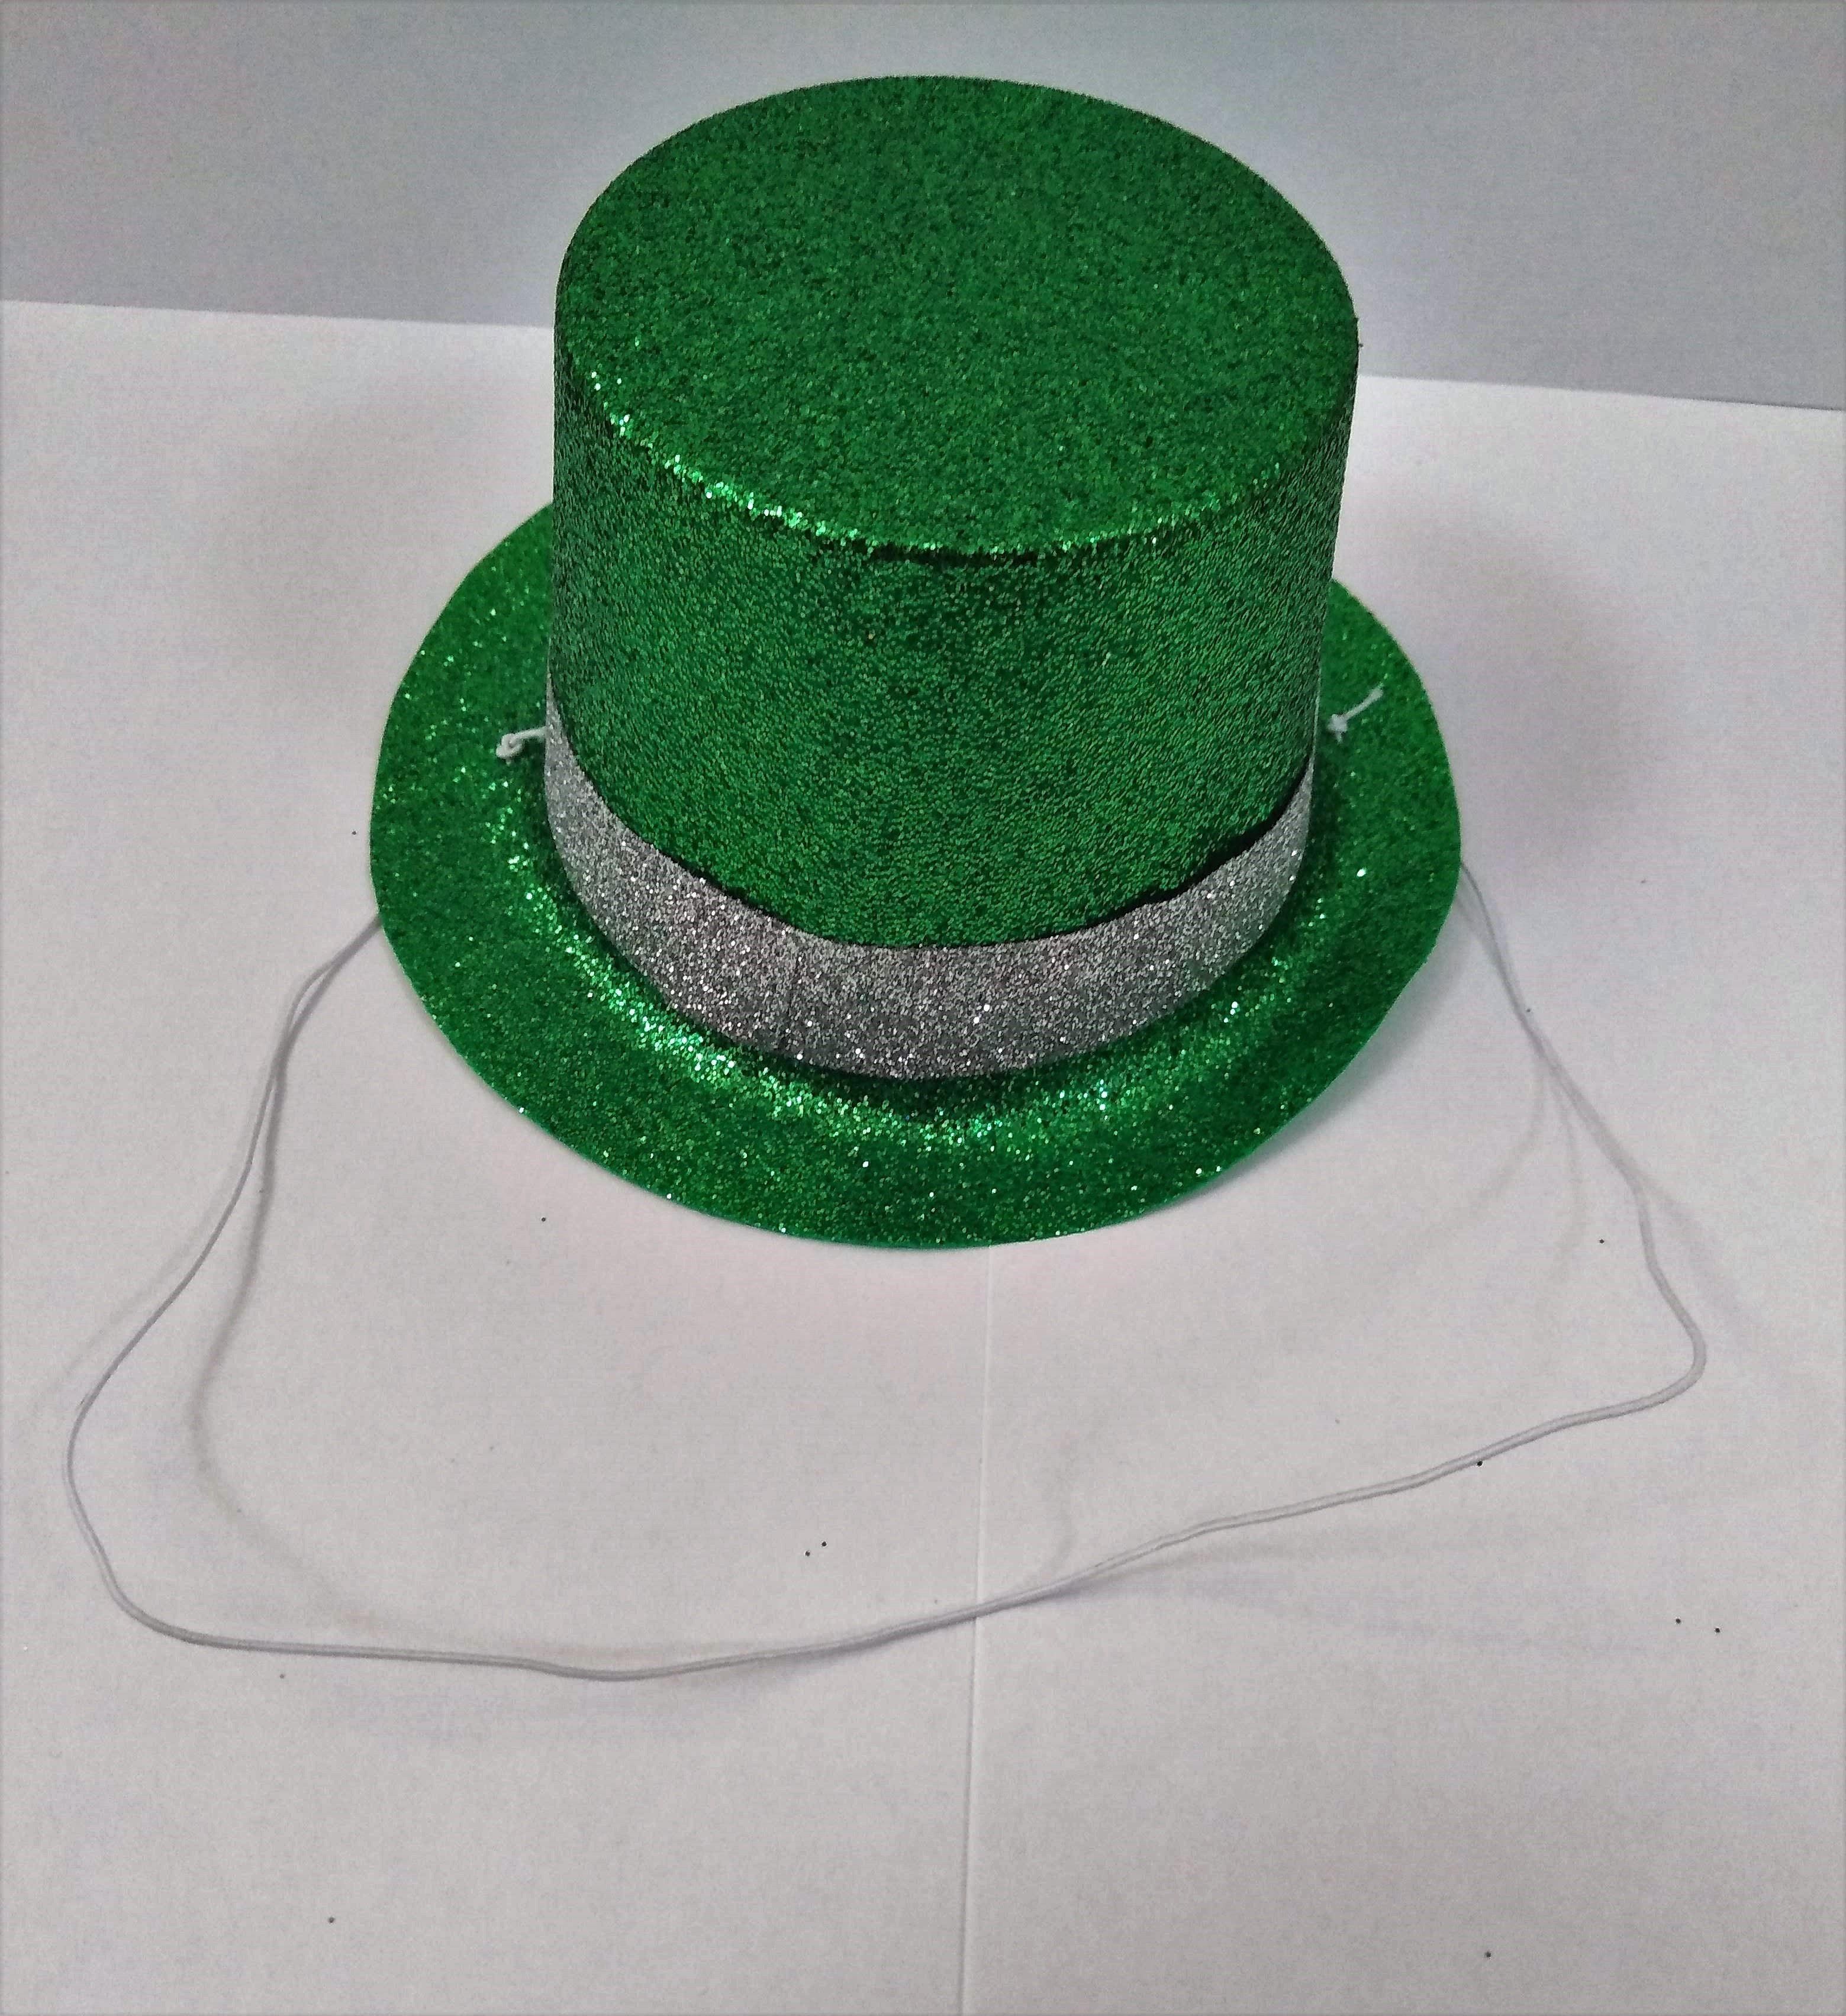 be1146780 zelený klobúk, klobúk, klobúk na hlavu